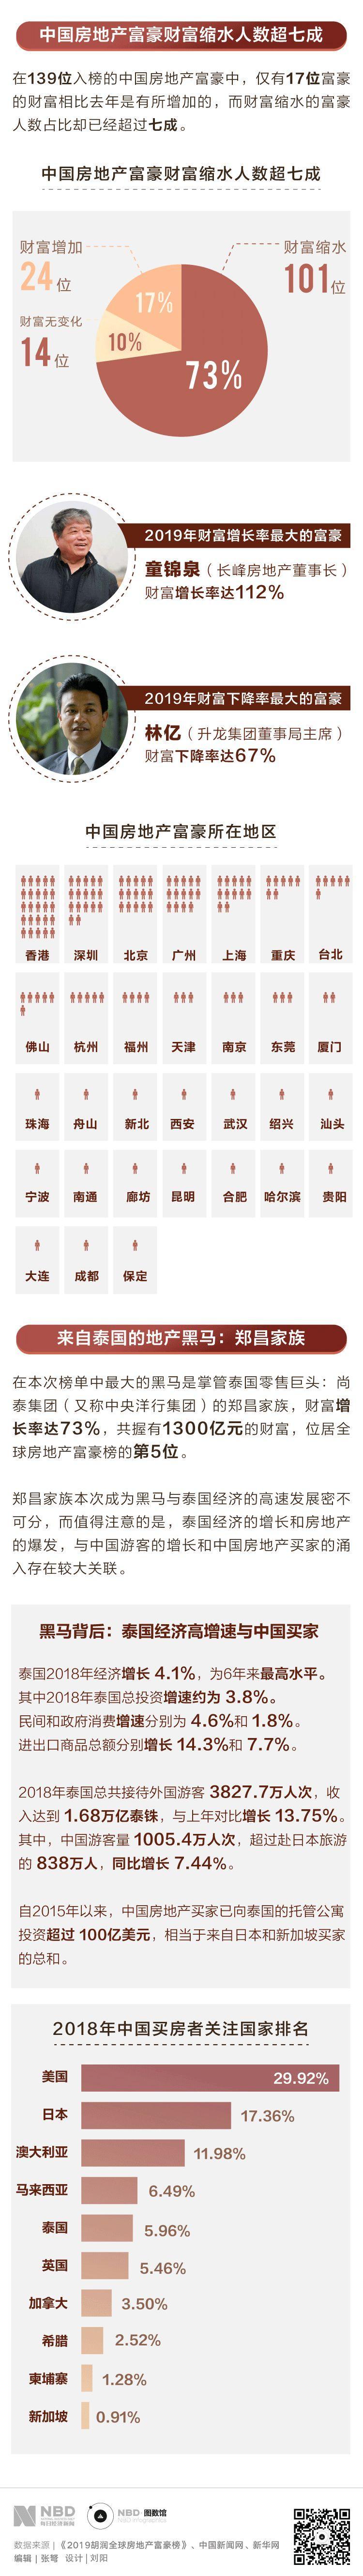 """楼市冷清,中国地产富豪""""日子不好过"""",7成财富缩水"""